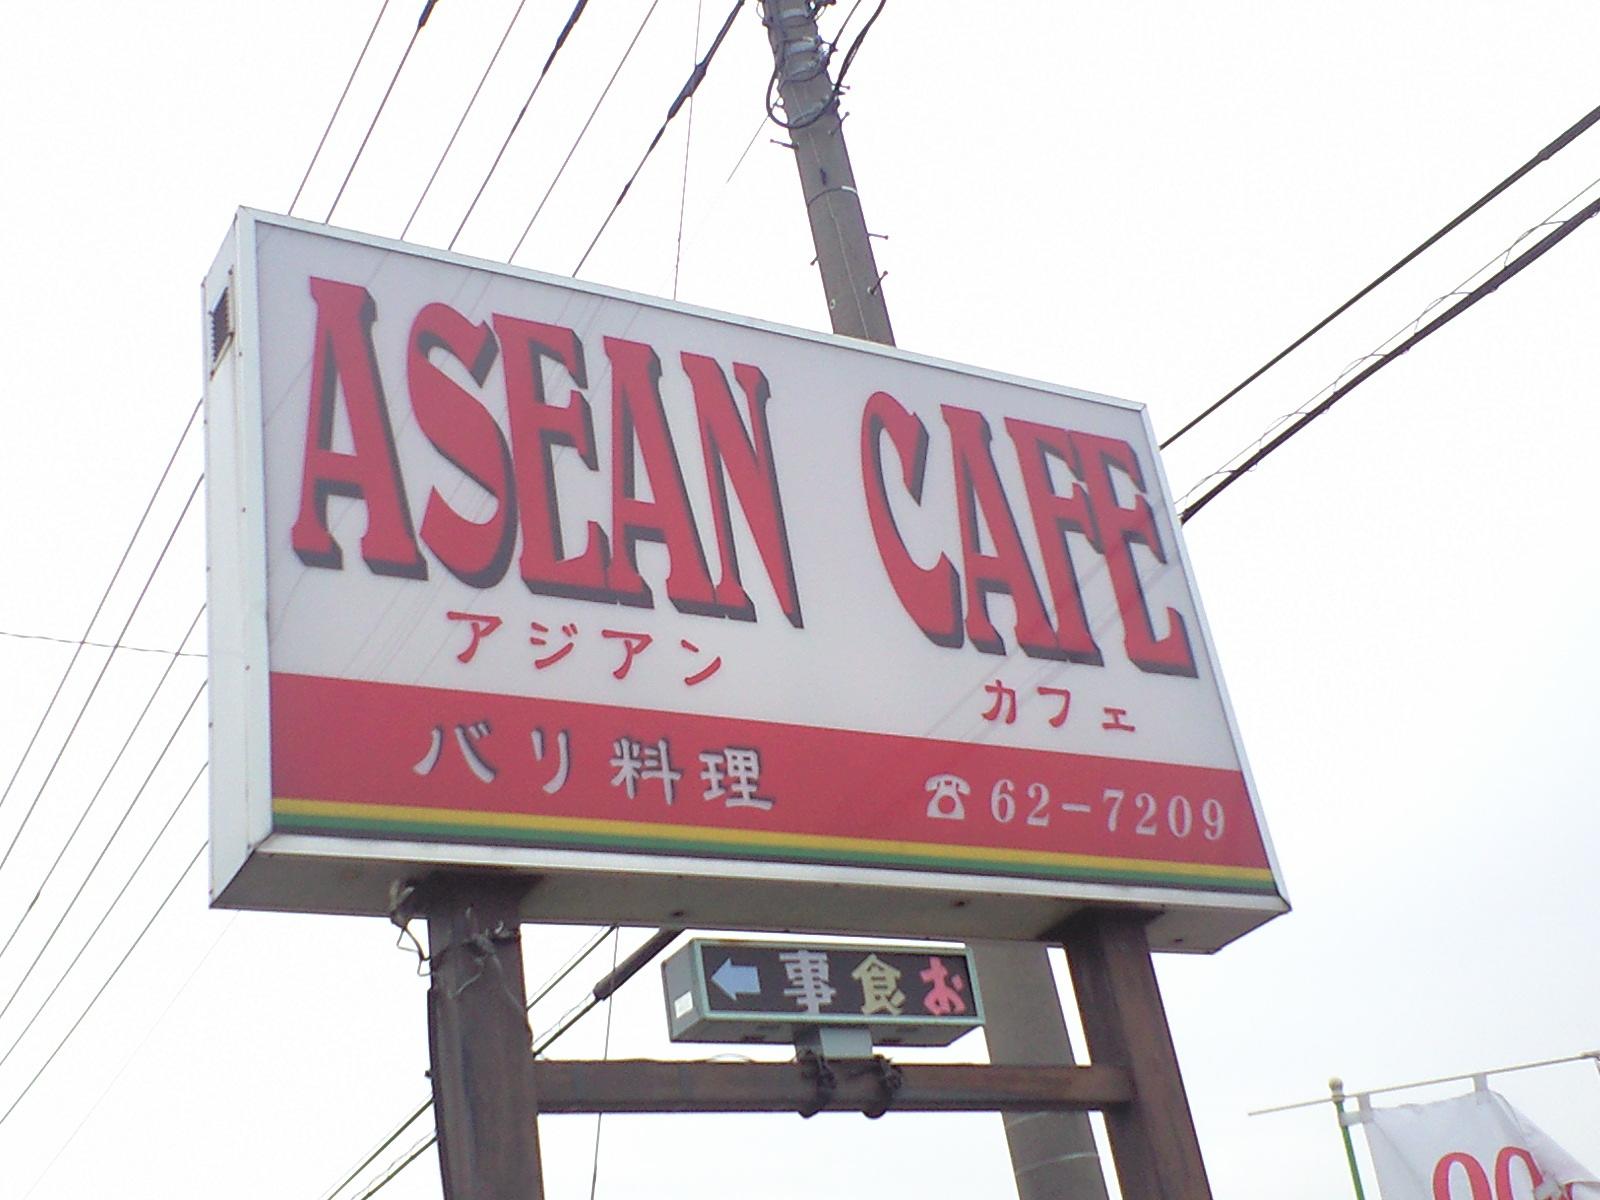 アジアンカフェ